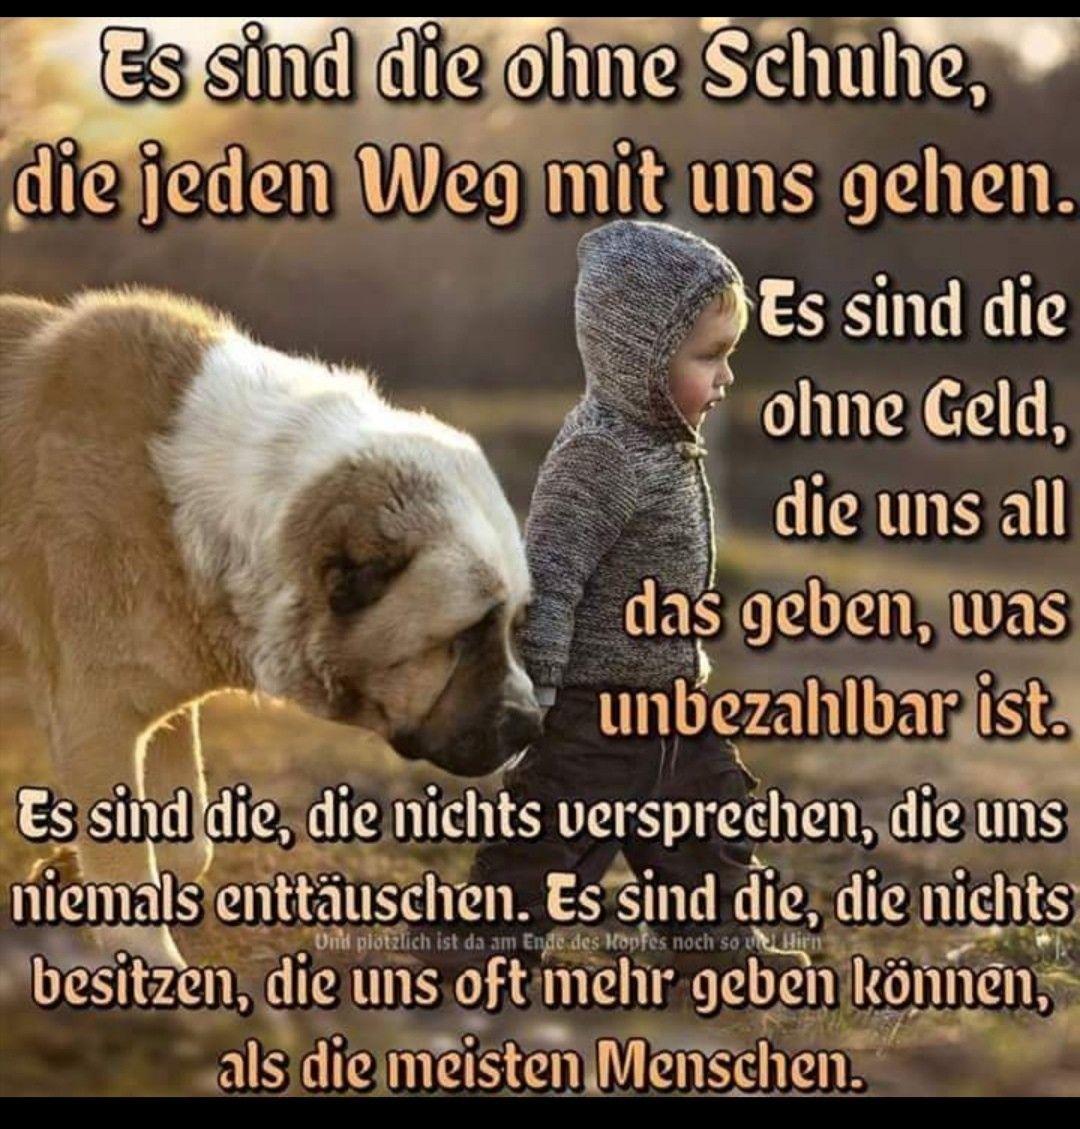 Pin Von Ludwig Stefan Krueger Auf Weise Worte Gedichte Zitate In 2020 Spruche Tiere Hunde Gedichte Zitate Tiere